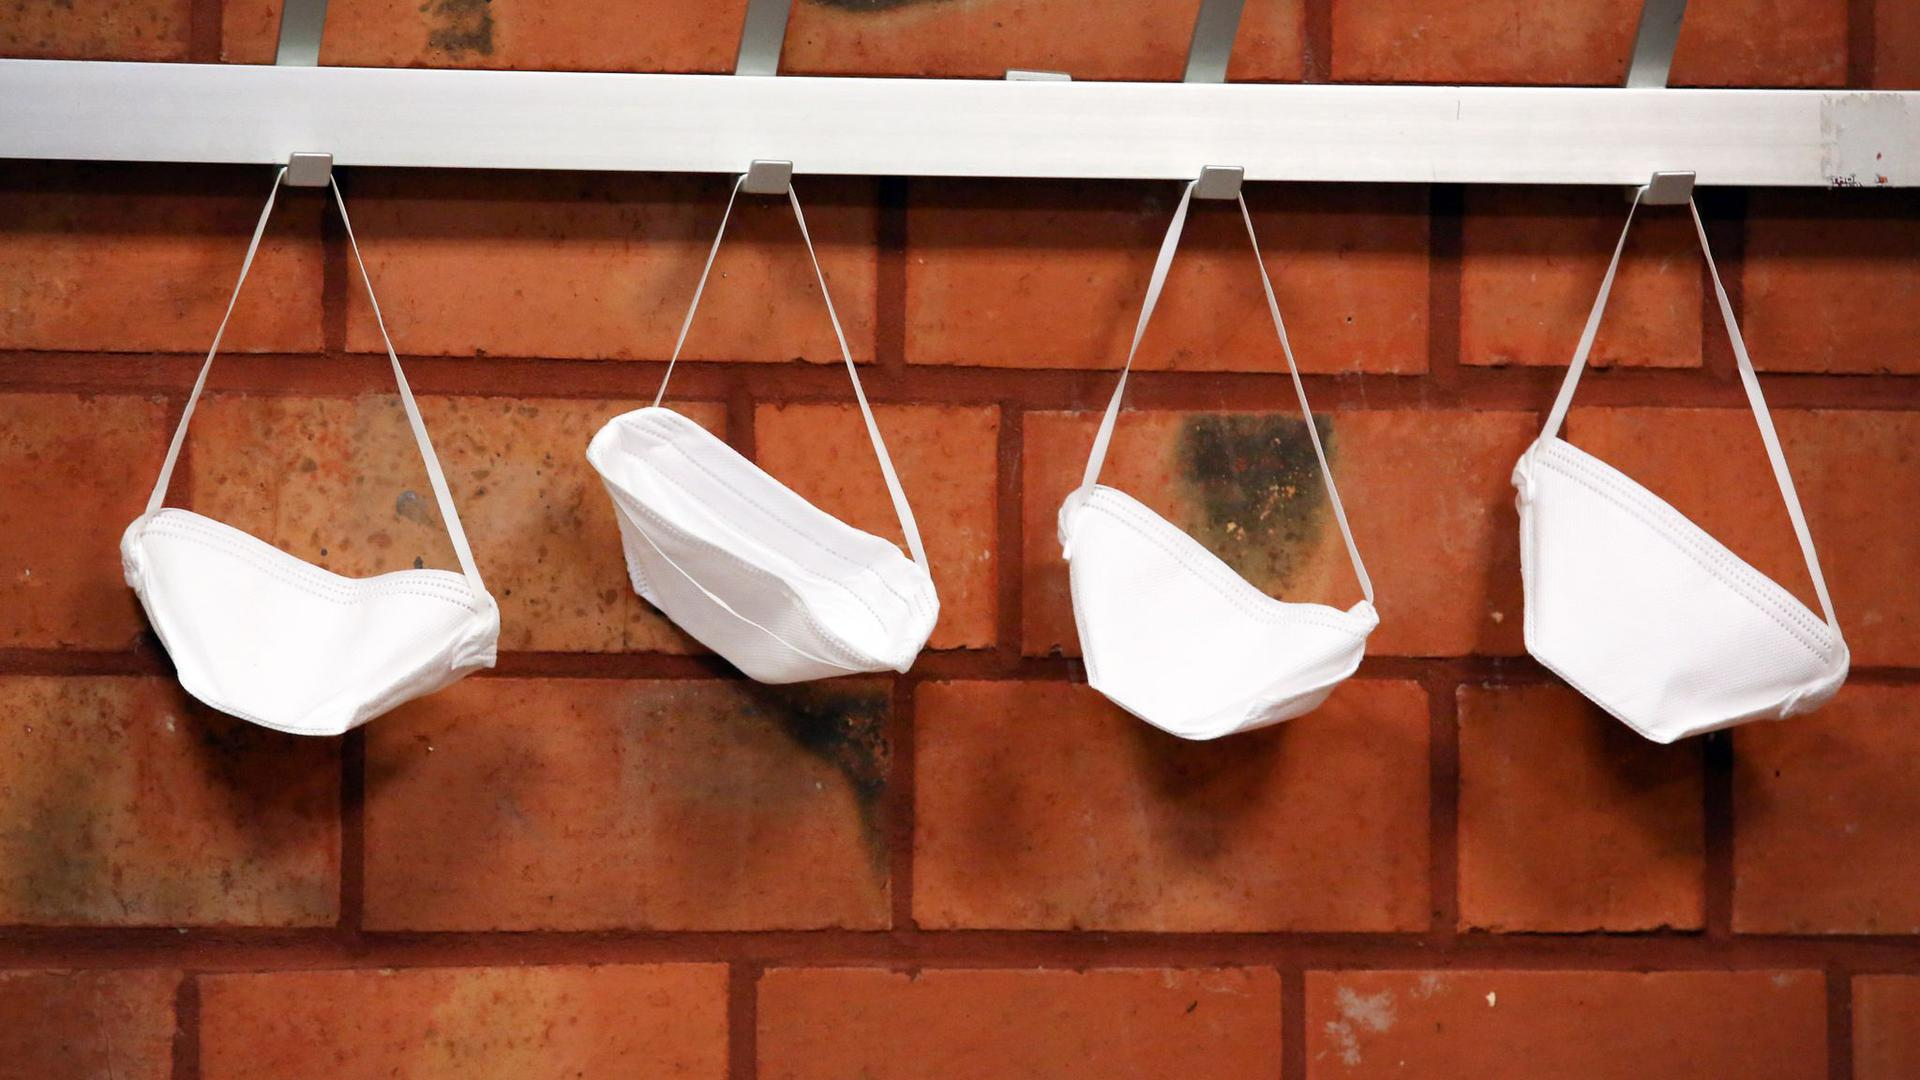 Mund-Nase-Schutzmasken hängen an Haken.